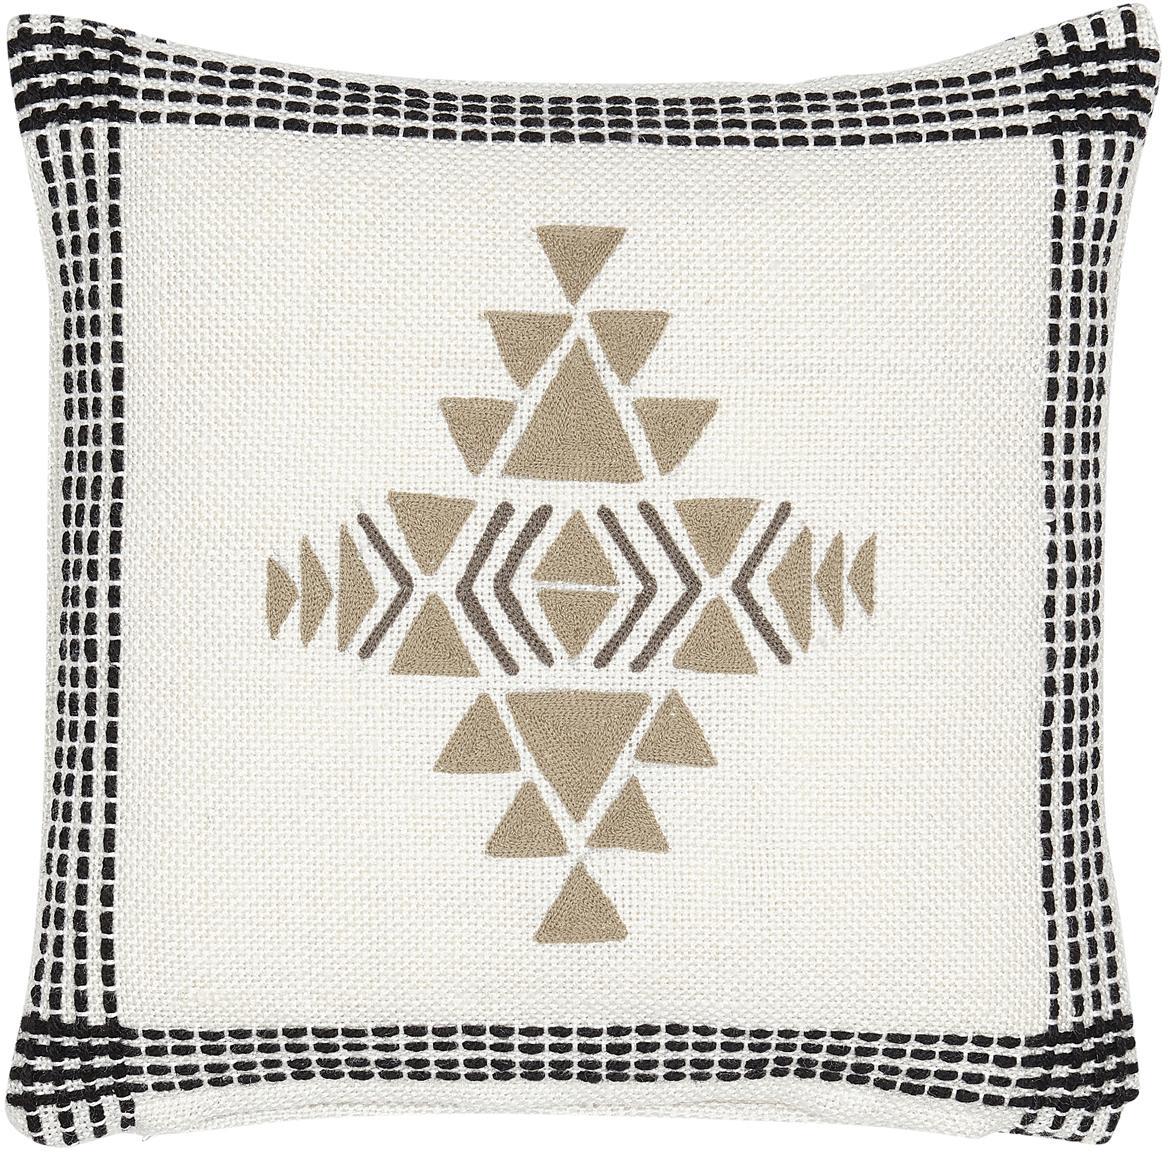 Ethno Kissen Aztec aus recyceltem PET, mit Inlett, Bezug: PET, recycelt, Gebrochenes Weiß, Schwarz, Beige, 45 x 45 cm